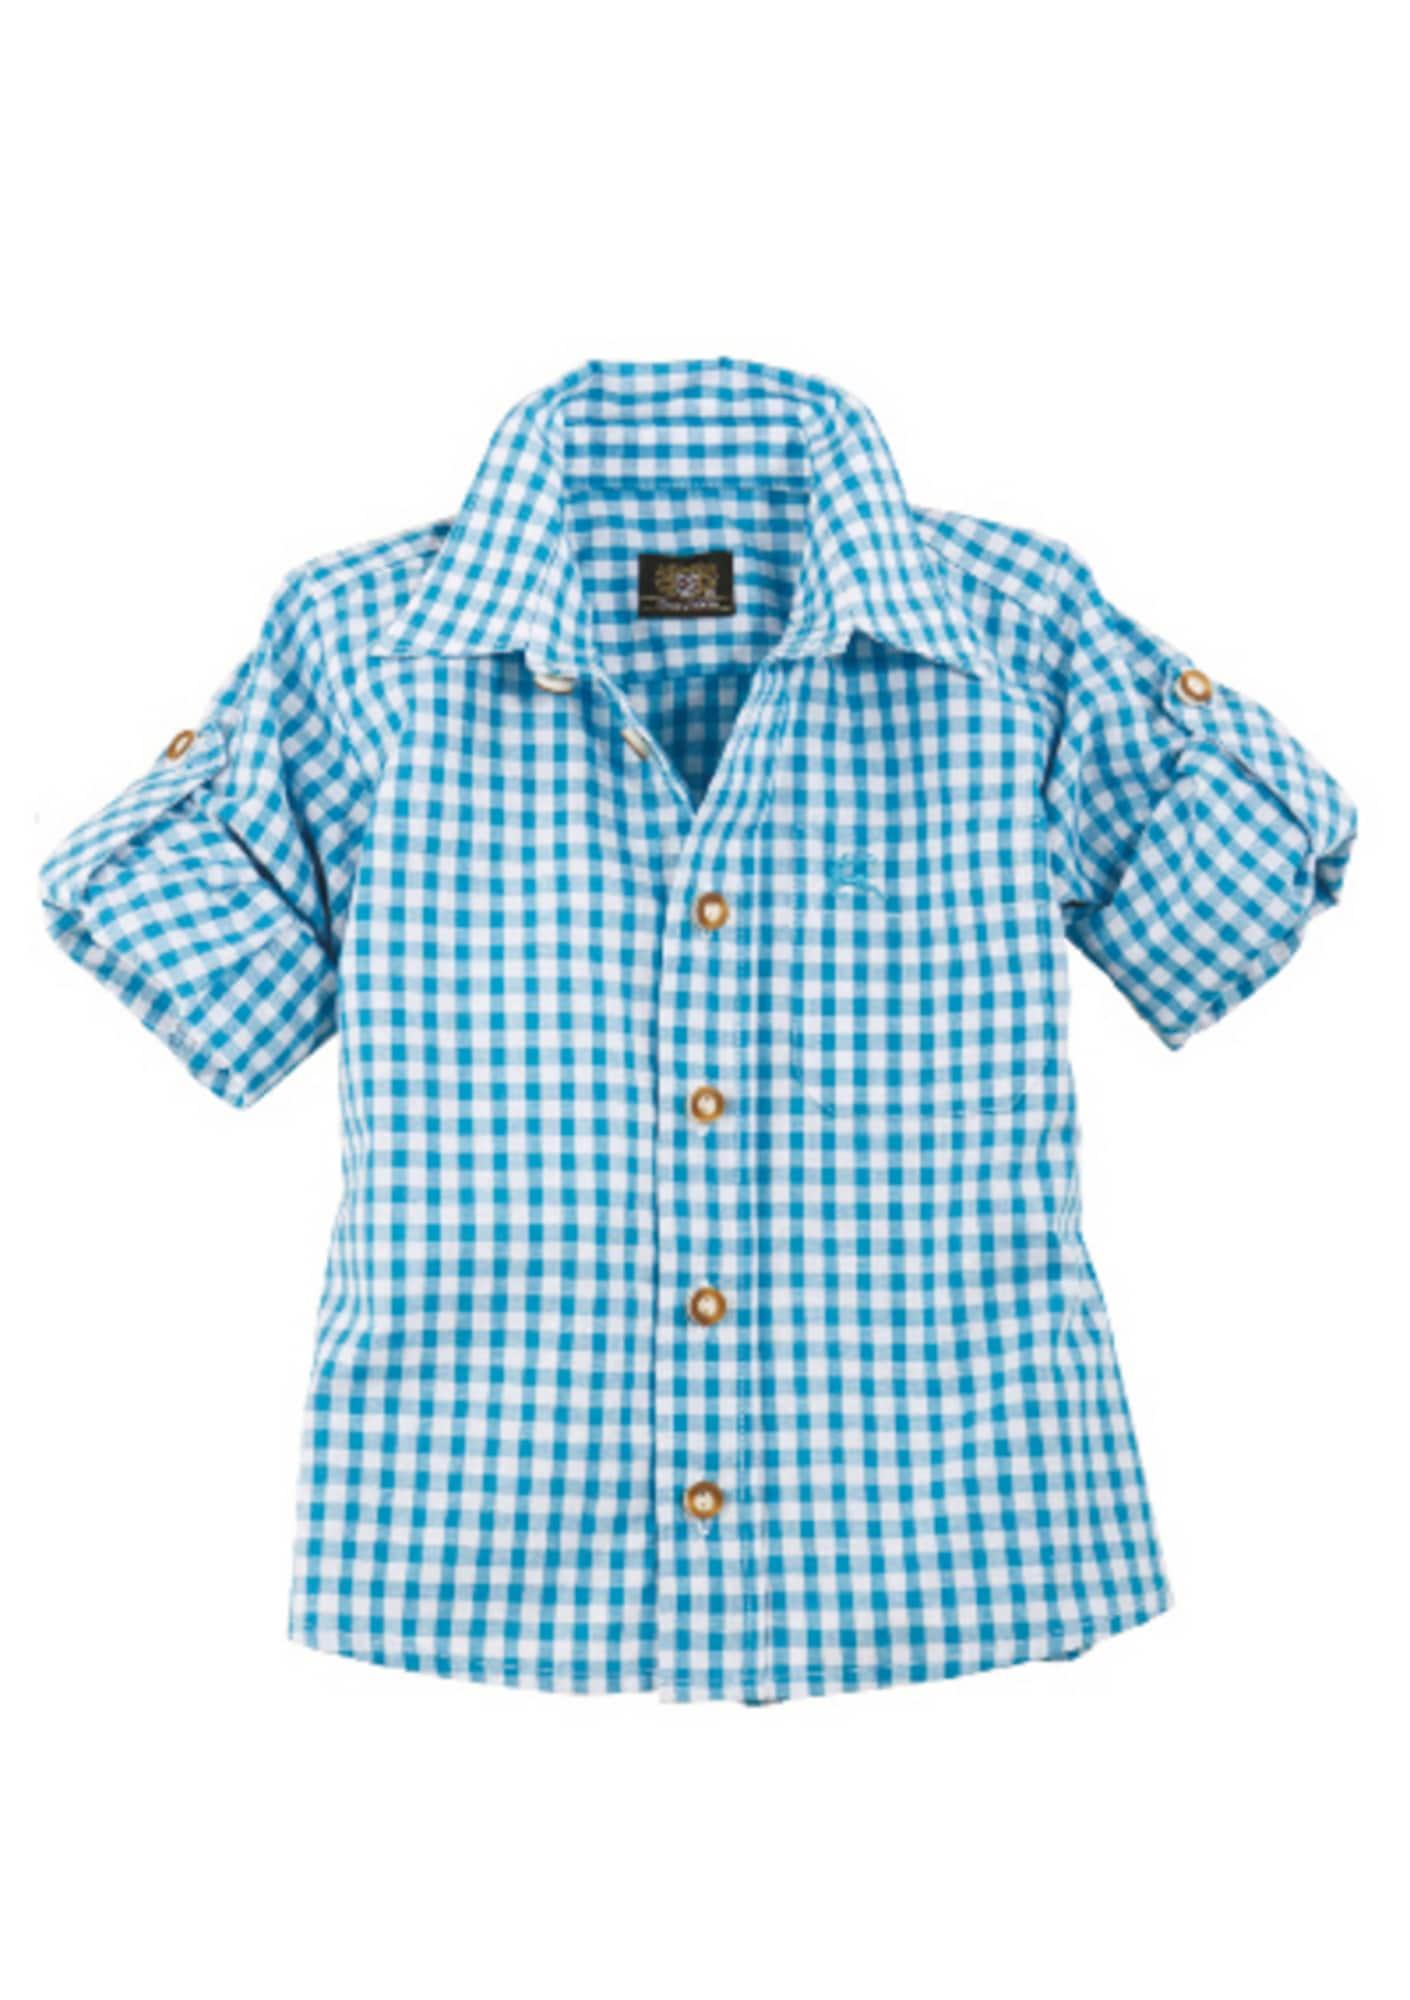 Miniboyoberteile - Trachten Kinderhemd kariert - Onlineshop ABOUT YOU